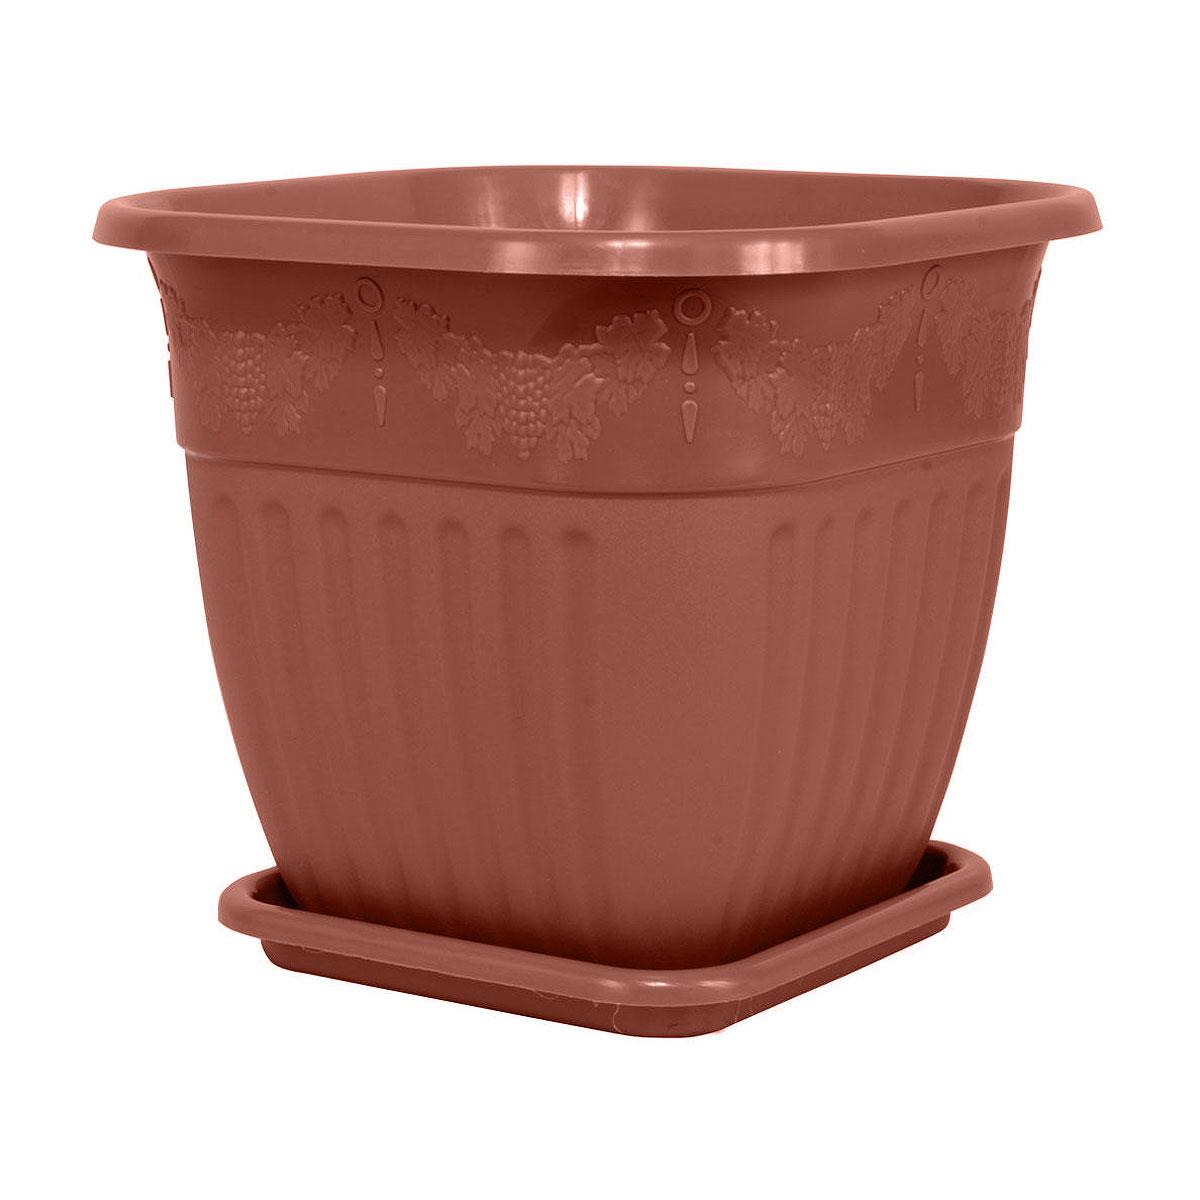 Горшок-кашпо Альтернатива Лозанна, цвет: медный, 3 лМ1464Горшок-кашпо для цветов Альтернатива Лозанна выполнен из прочного пластика. Изделие предназначено для установки внутрь цветочных горшков с растениями. Такие изделия часто становятся последним штрихом, который совершенно изменяет интерьер помещения или ландшафтный дизайн сада. Благодаря такому горшку-кашпо вы сможете украсить вашу комнату, офис, сад и другие места.